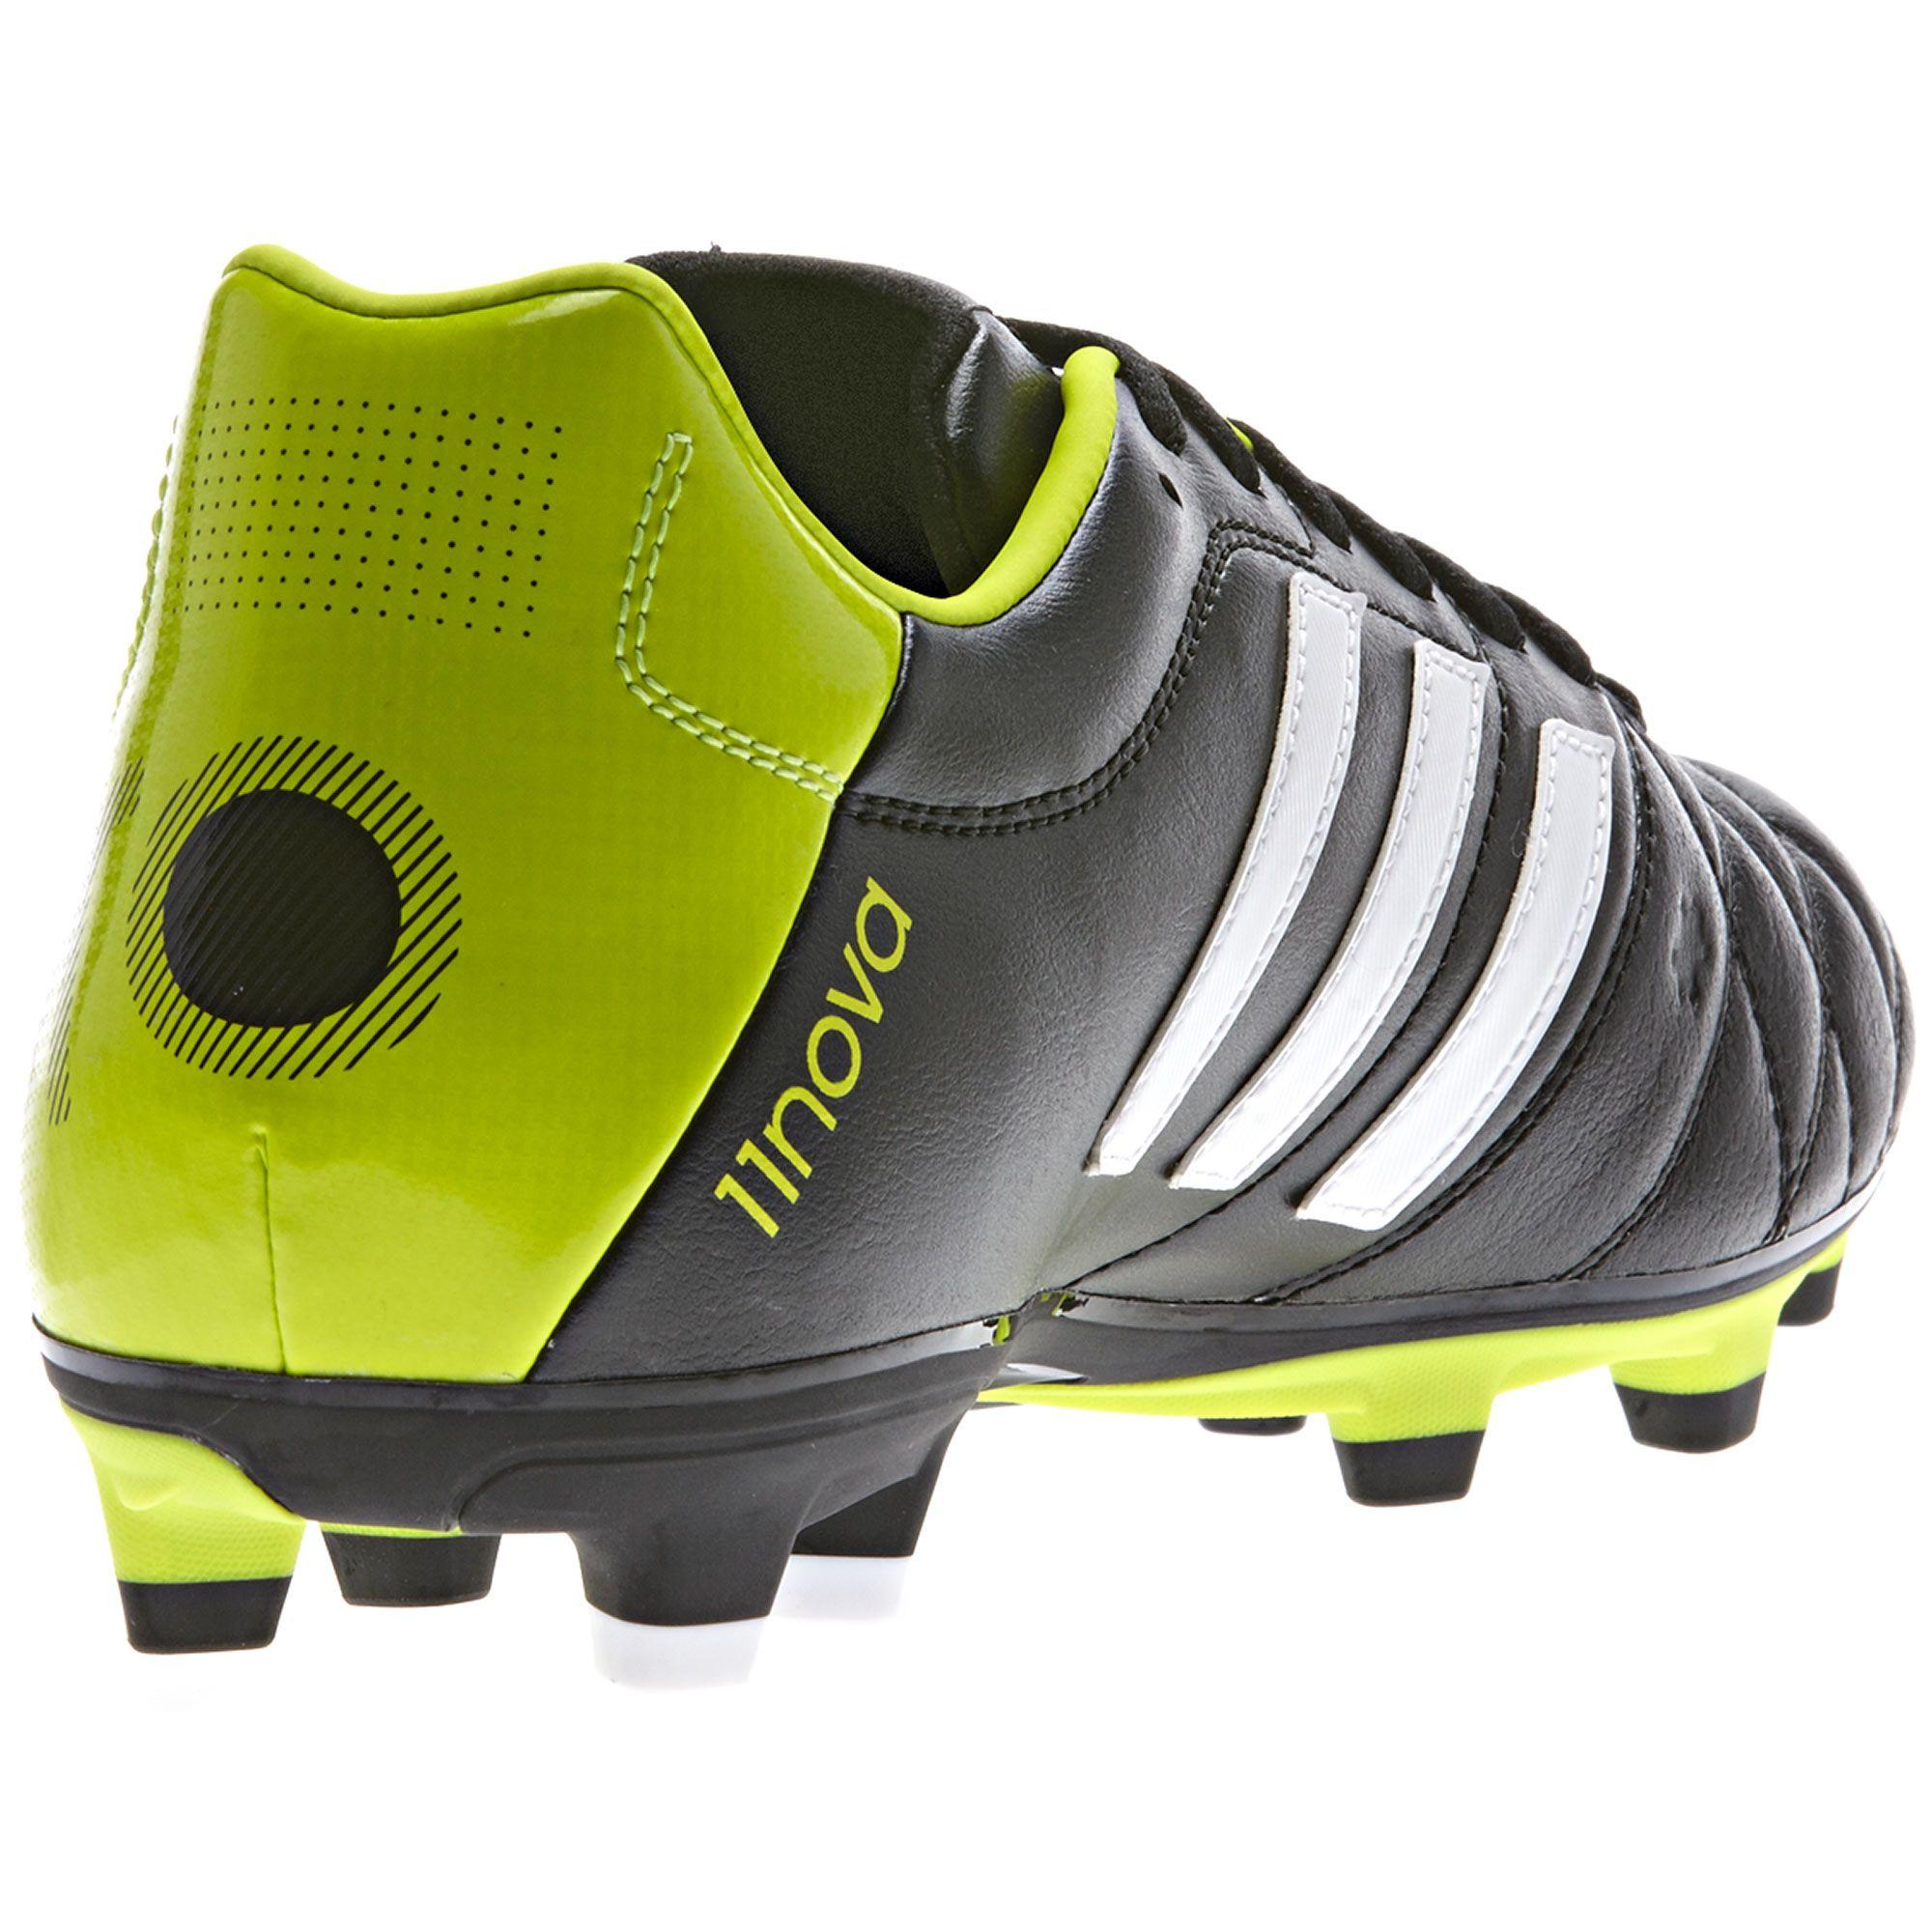 brand new 8cfb7 def25 BOTINES 11 NOVA TRX FG. Marca Adidas